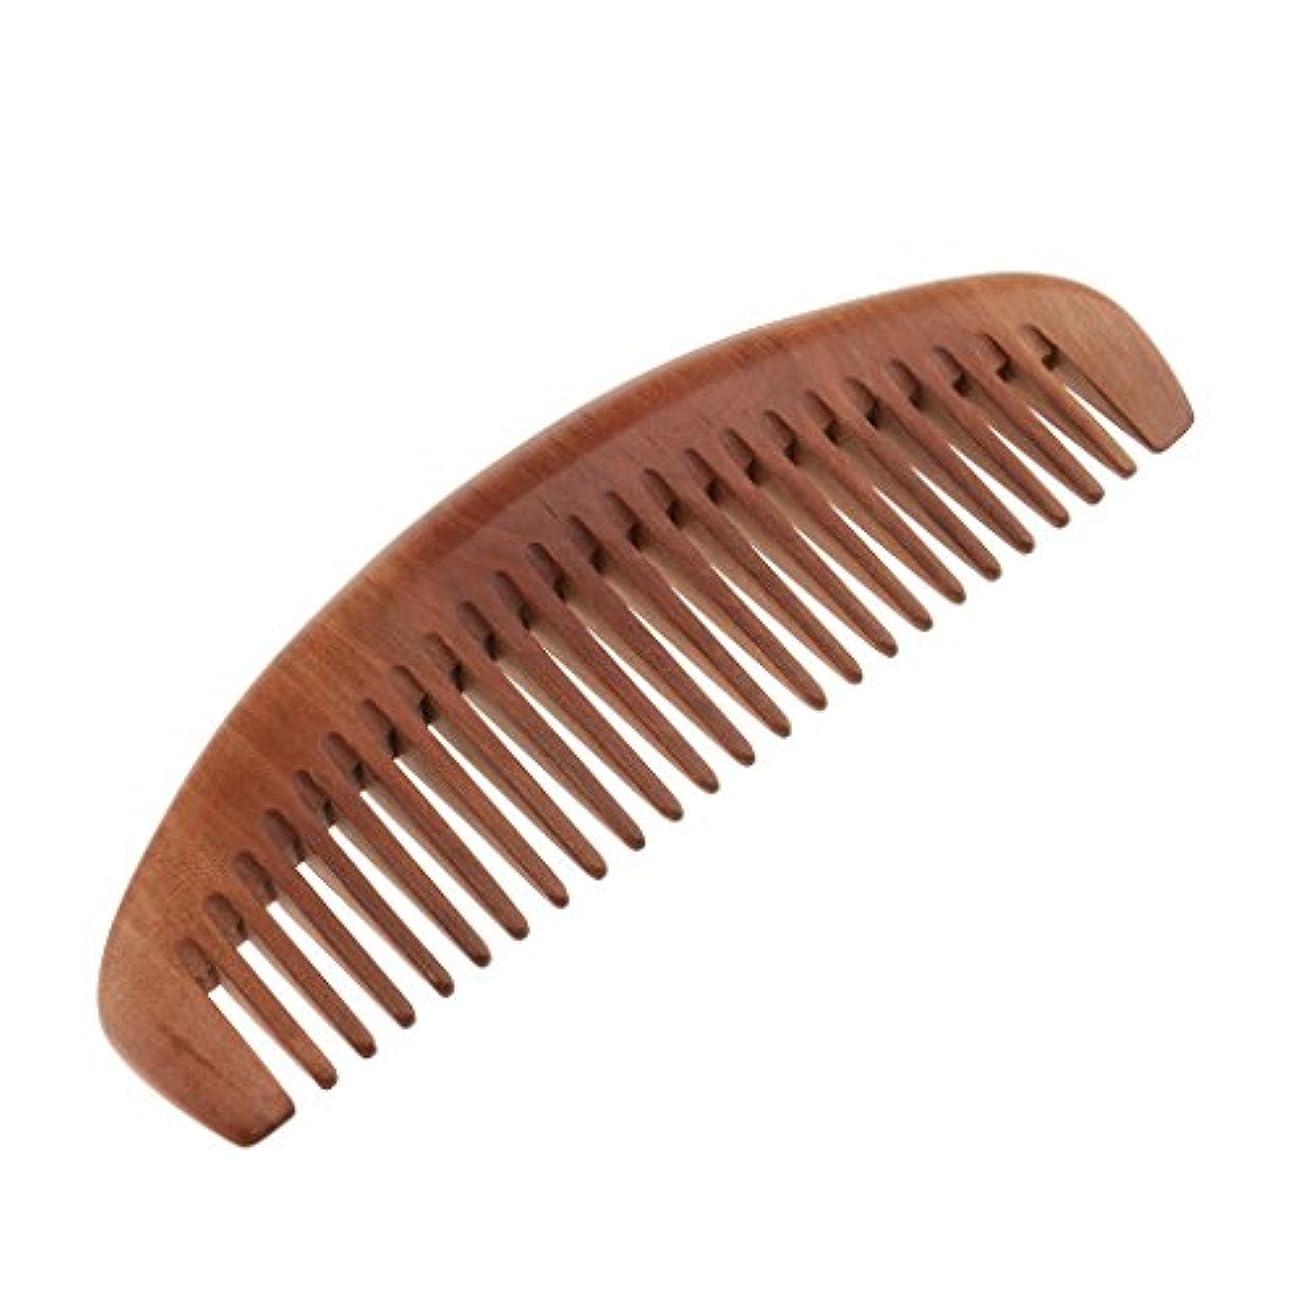 いわゆるヒープ抵抗力があるCUTICATE ナチュラル ブラシ ウッドヘアコーム ウッドワイドティースコーム 全2種 - ワイド歯